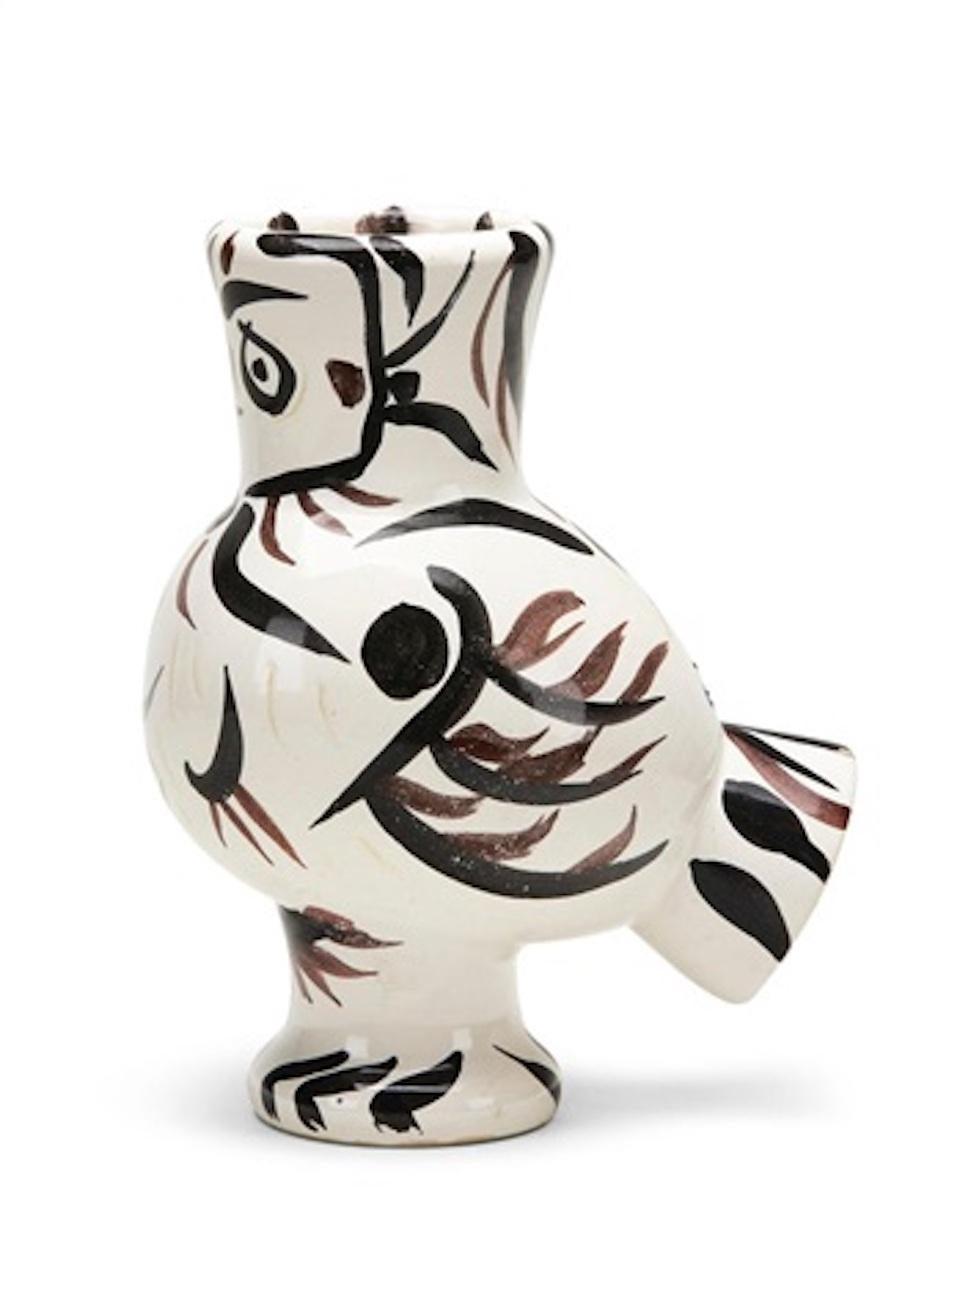 Madoura Ceramic Pitcher, Chouette Aux Traits, Ramié 122